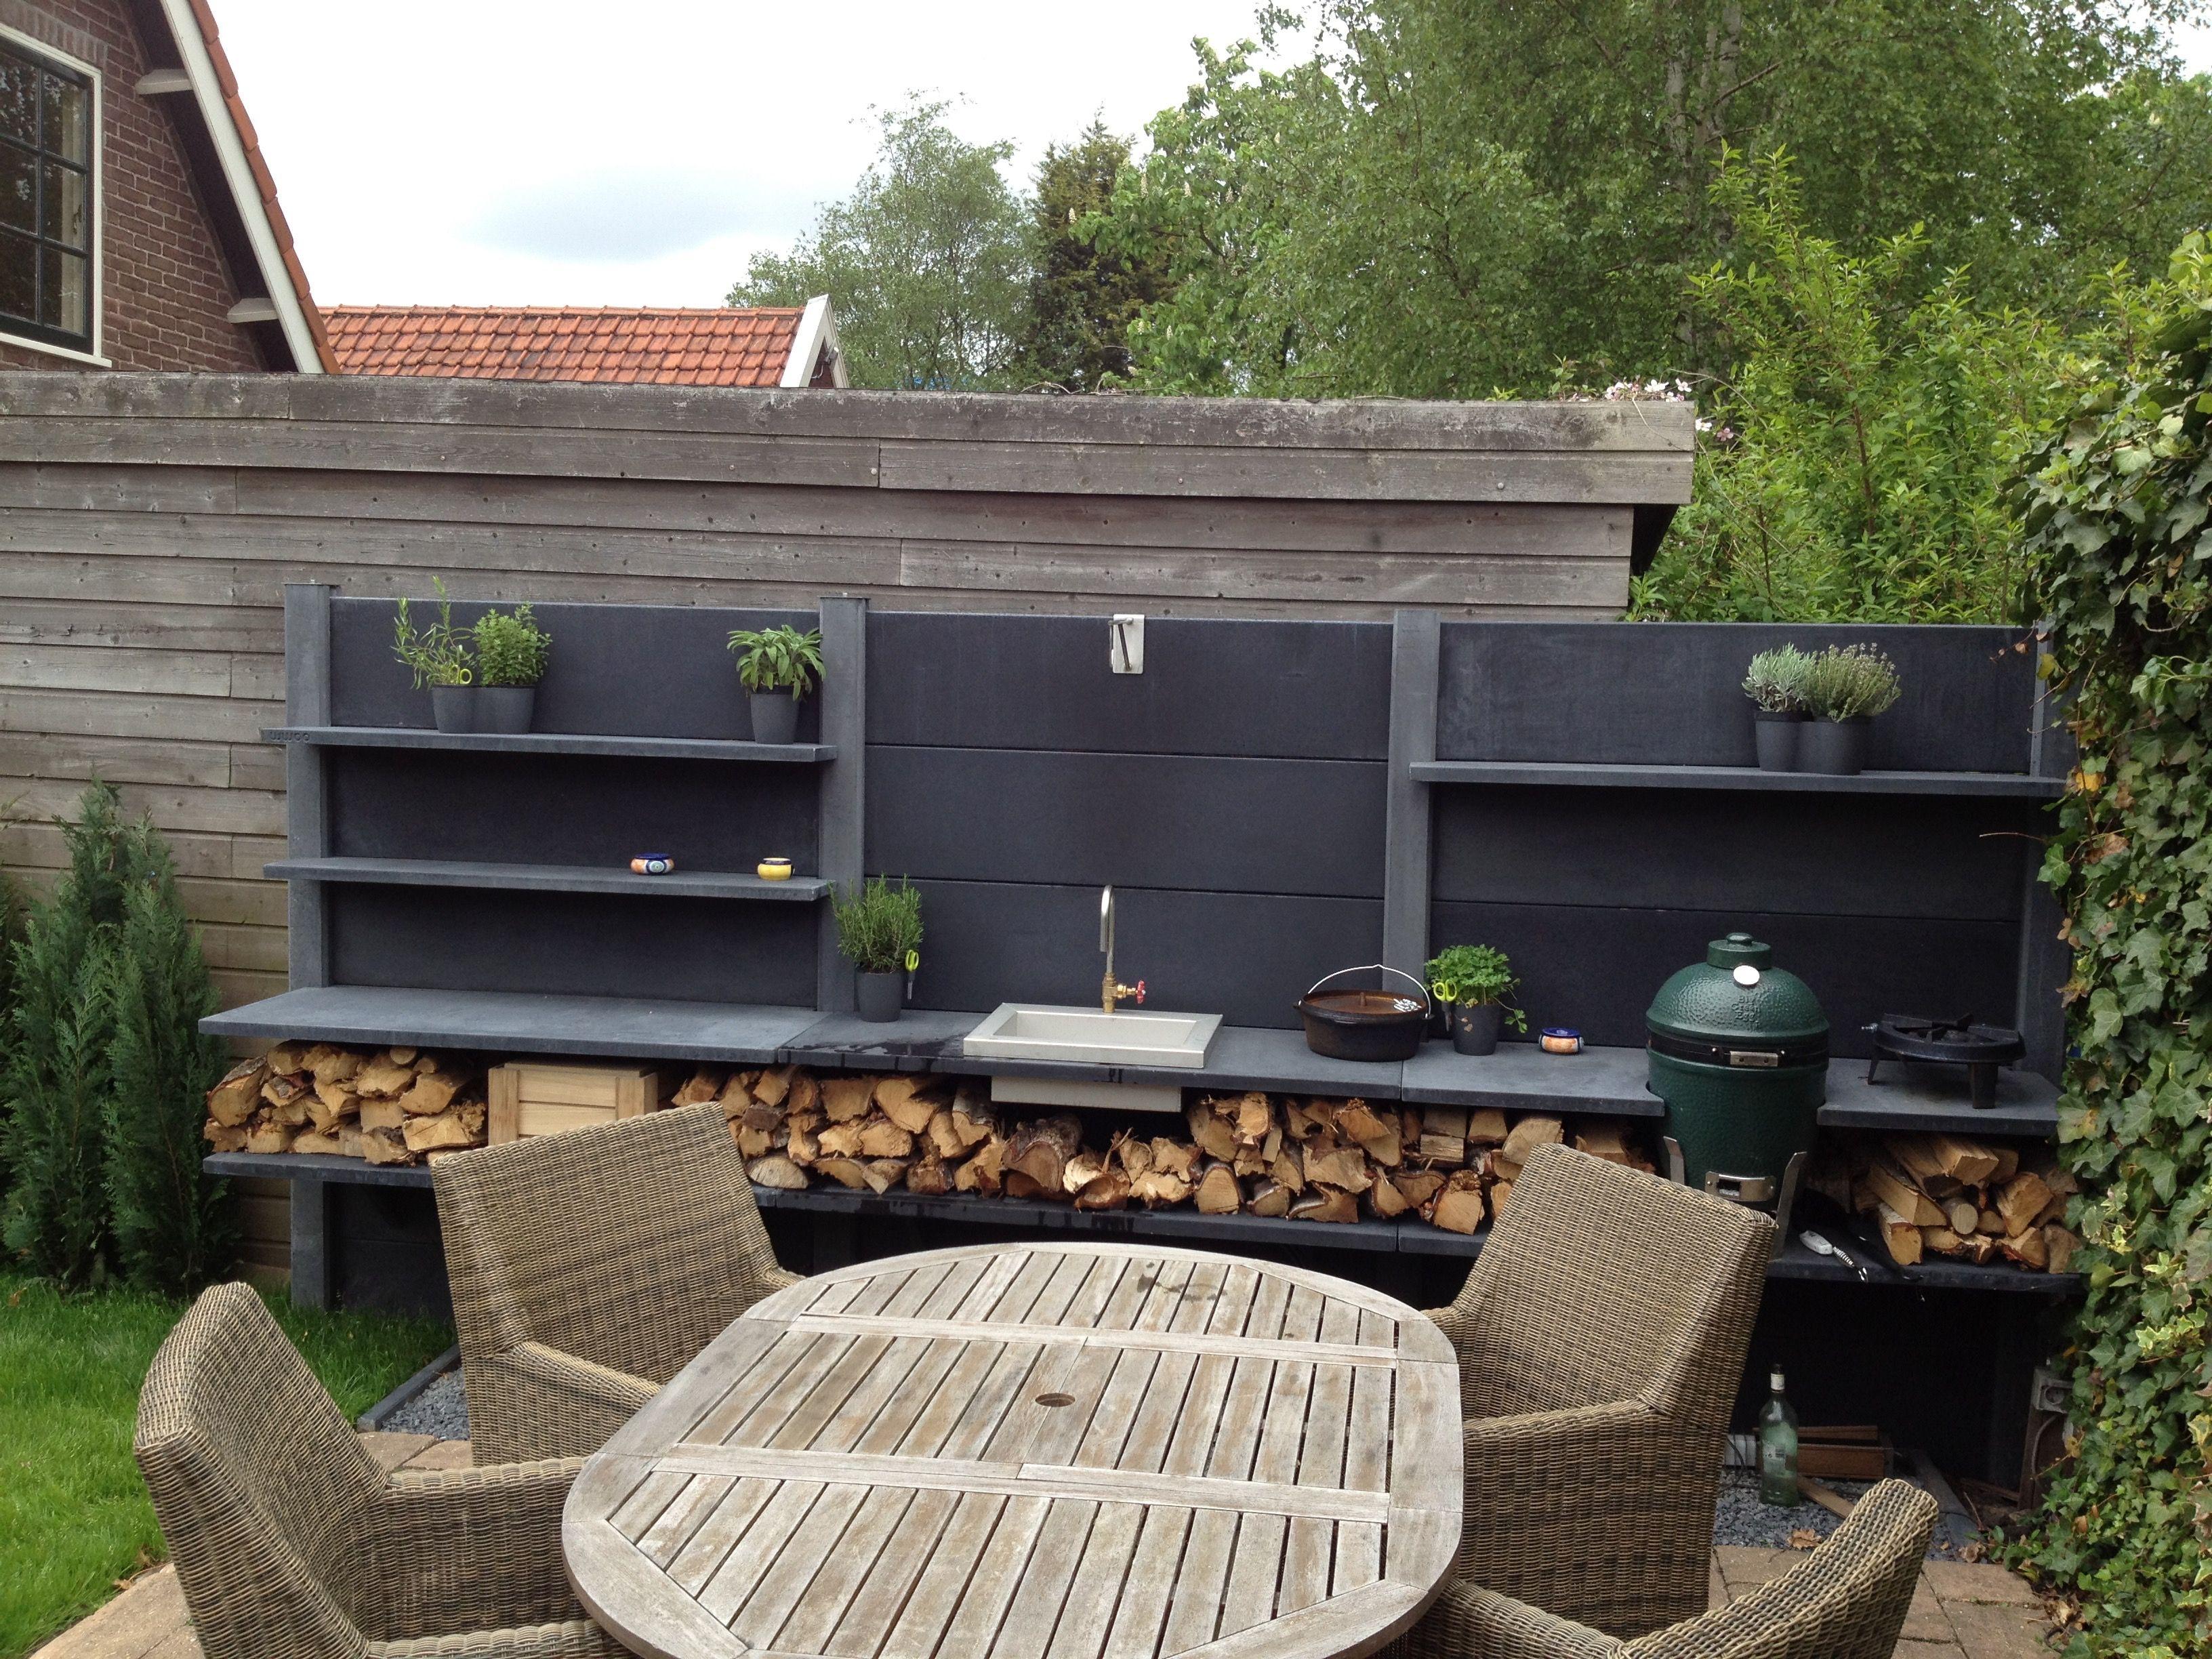 Outdoor Küche Gartenhaus : Outdoor küche im gartenhaus gartenmetall outdoor küche details